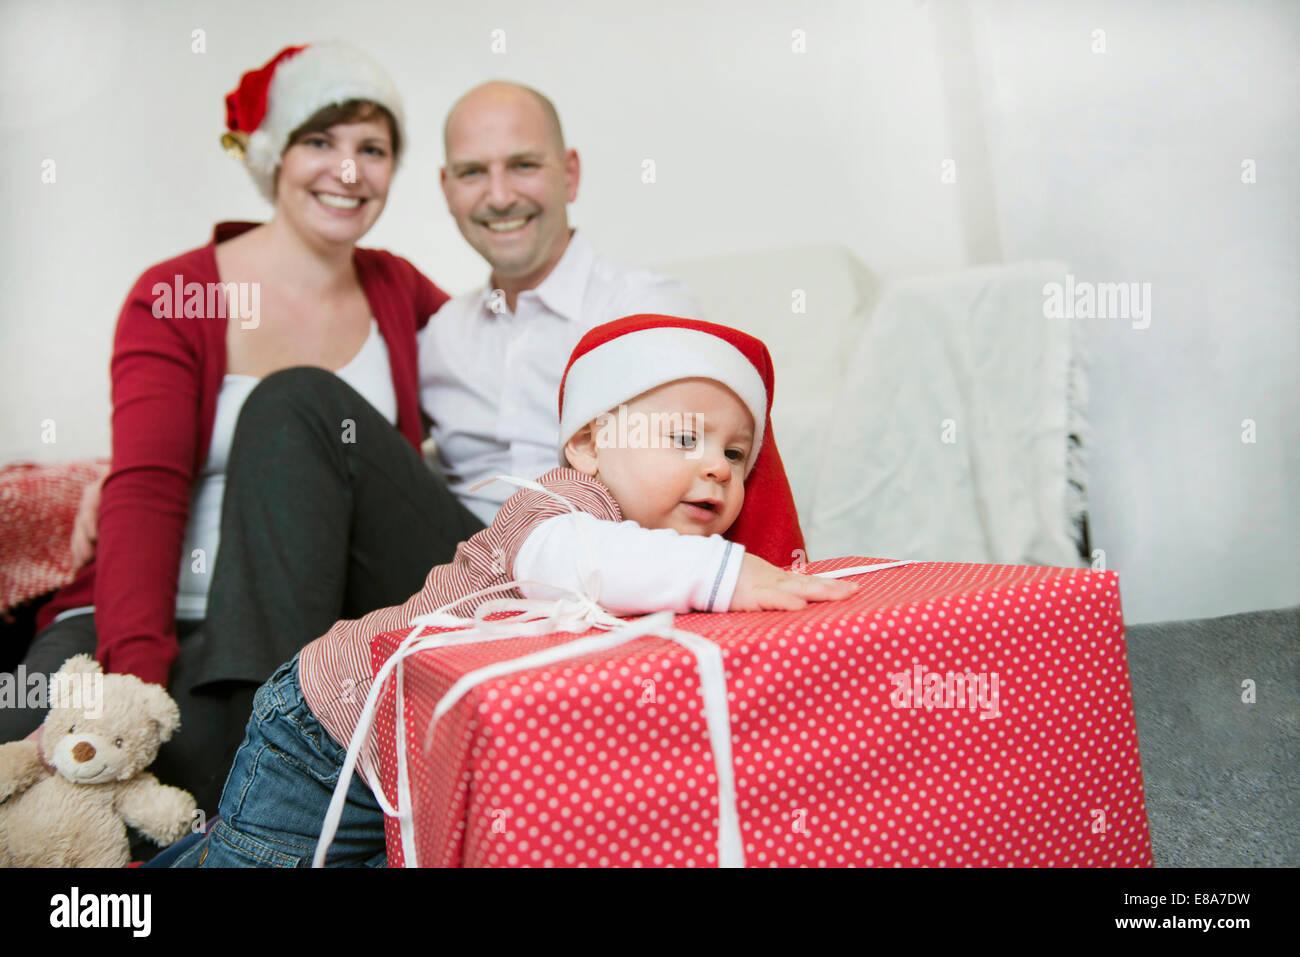 Familie feiert Weihnachten mit Weihnachten Kappen und ...